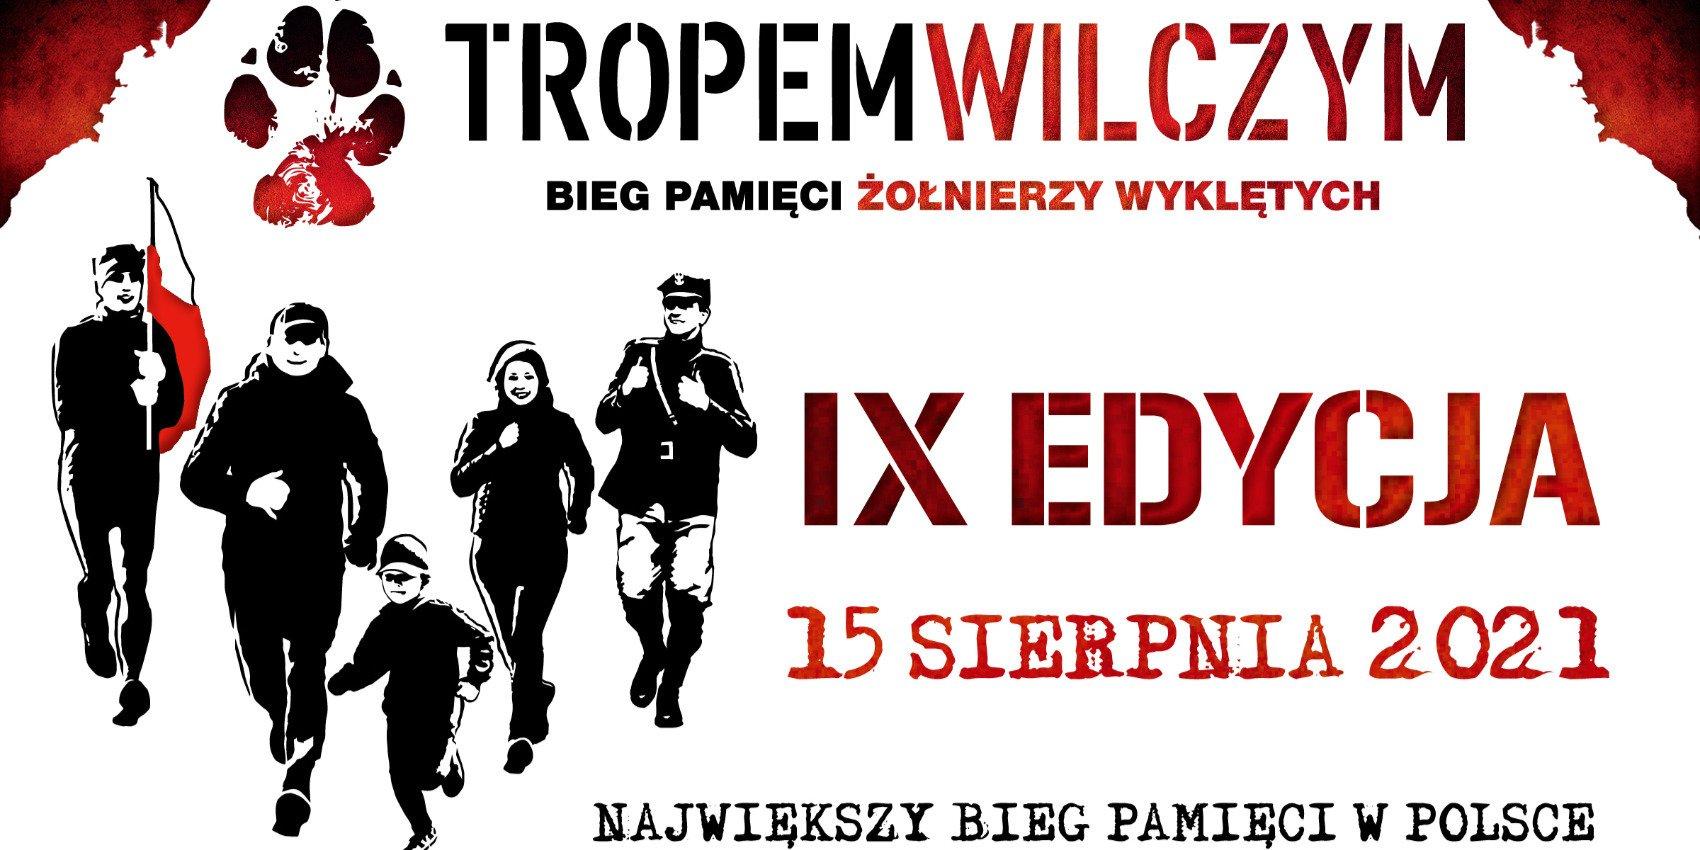 PKO Bank Polski zaprasza na 9. Bieg Tropem Wilczym